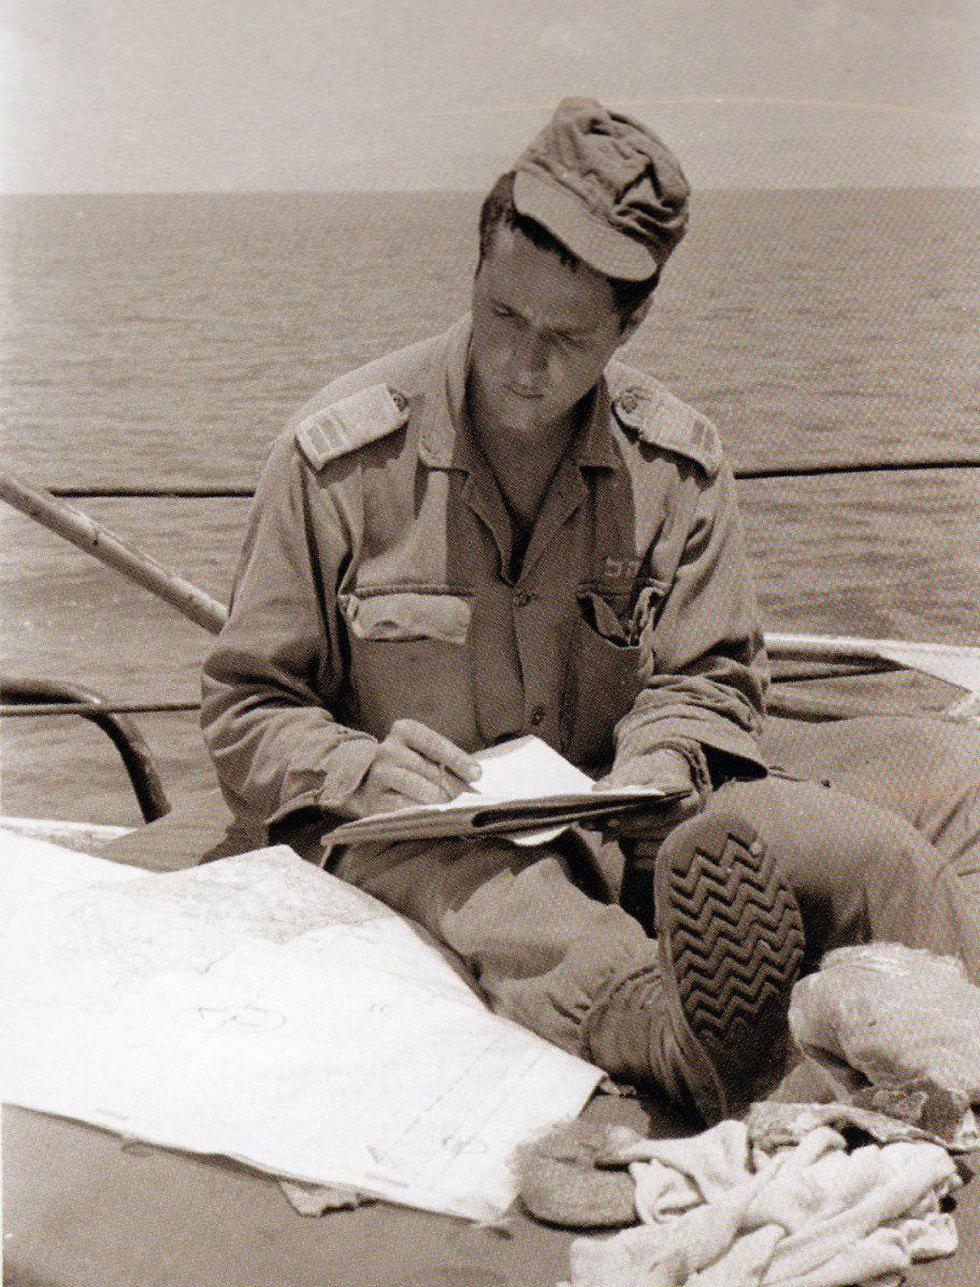 תמונות מתקופתו במחנה של ניר ברקת (צילום: במחנה, דו